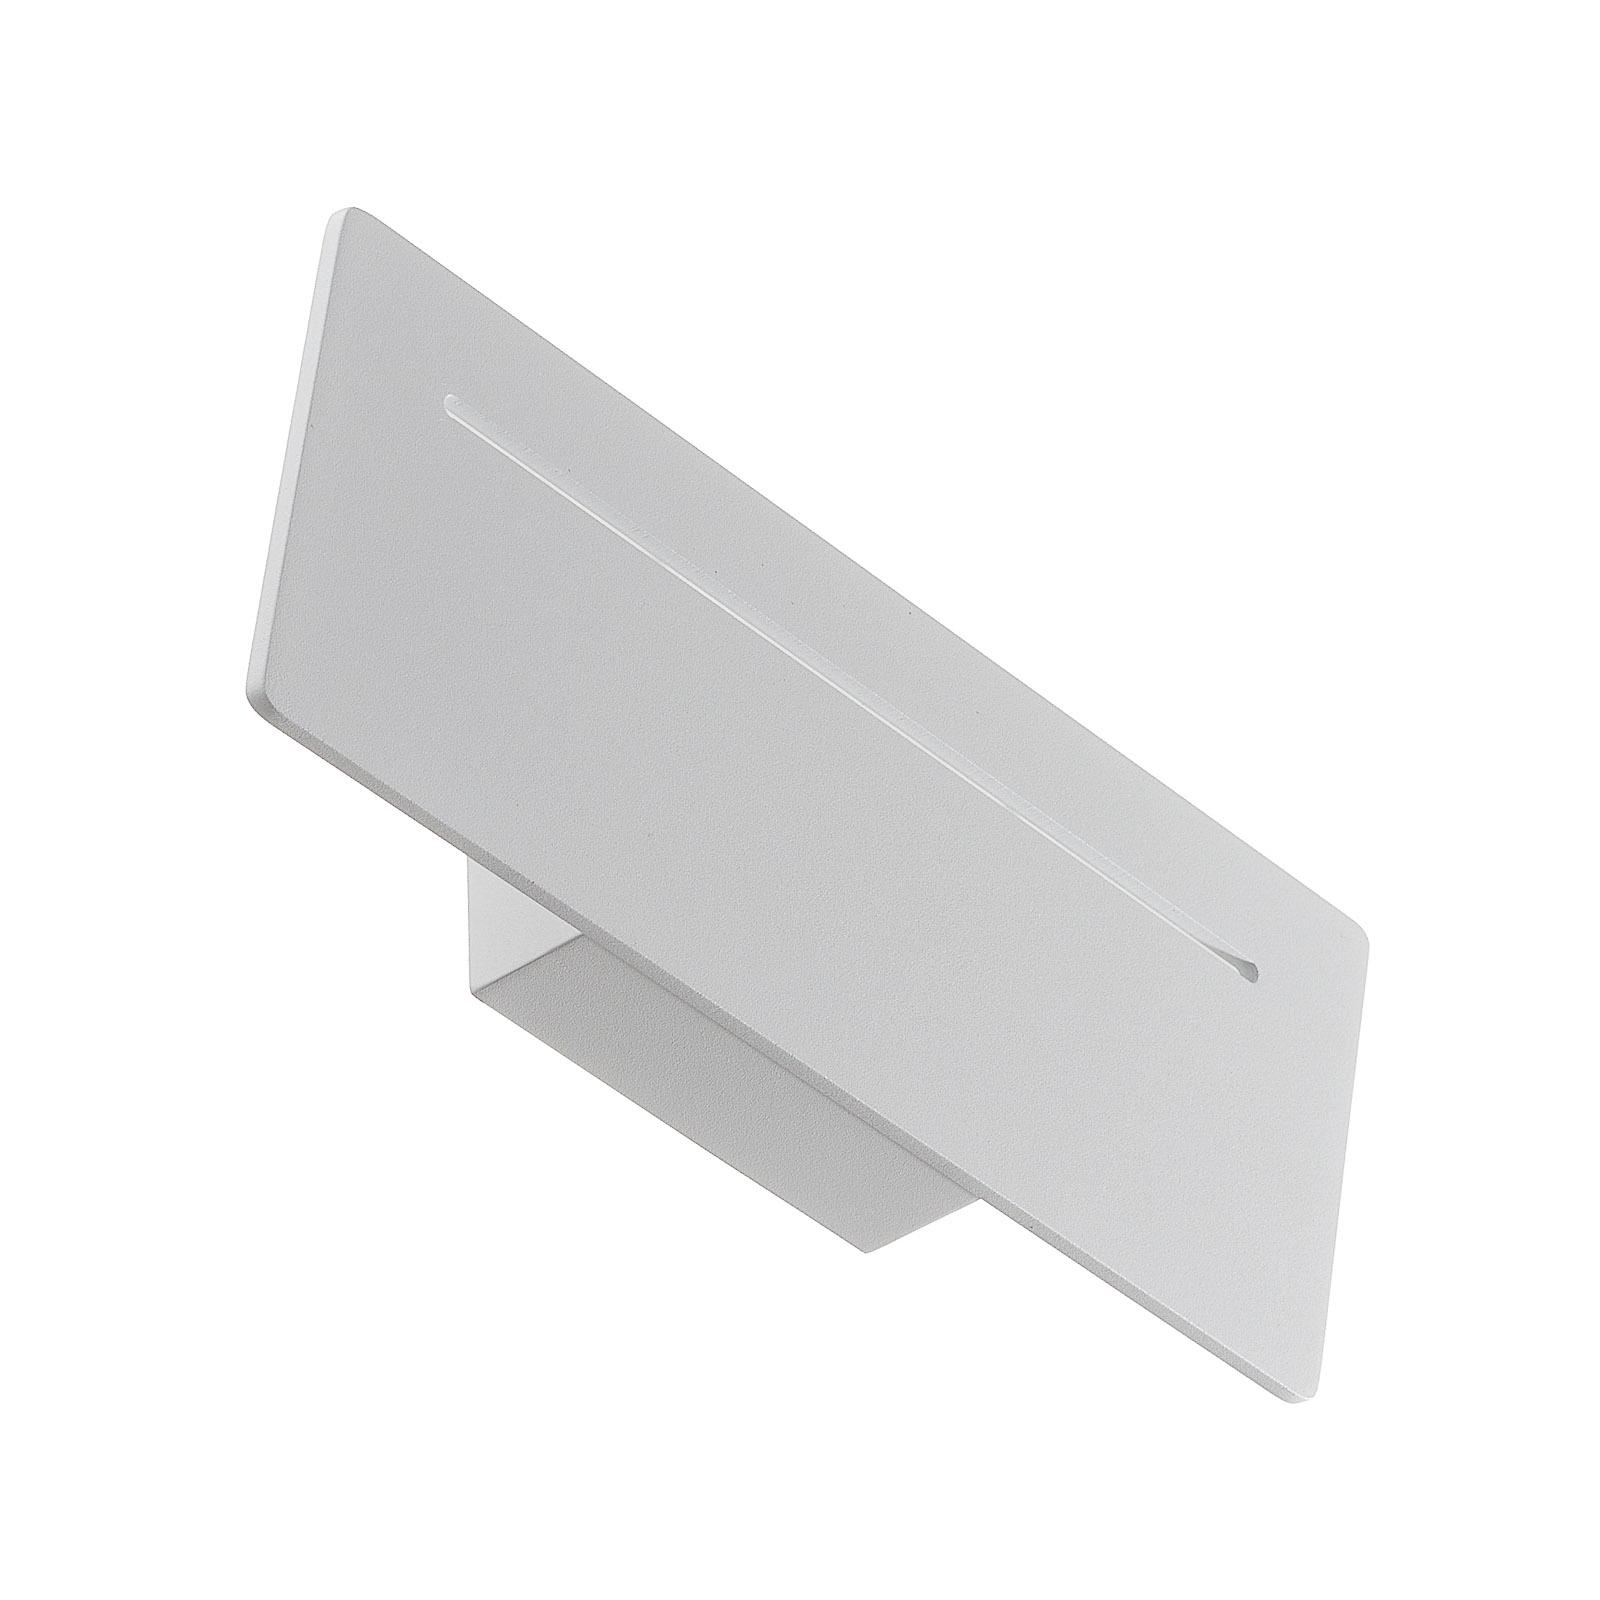 LED-Wandleuchte Toja, warmweiß, 35 cm